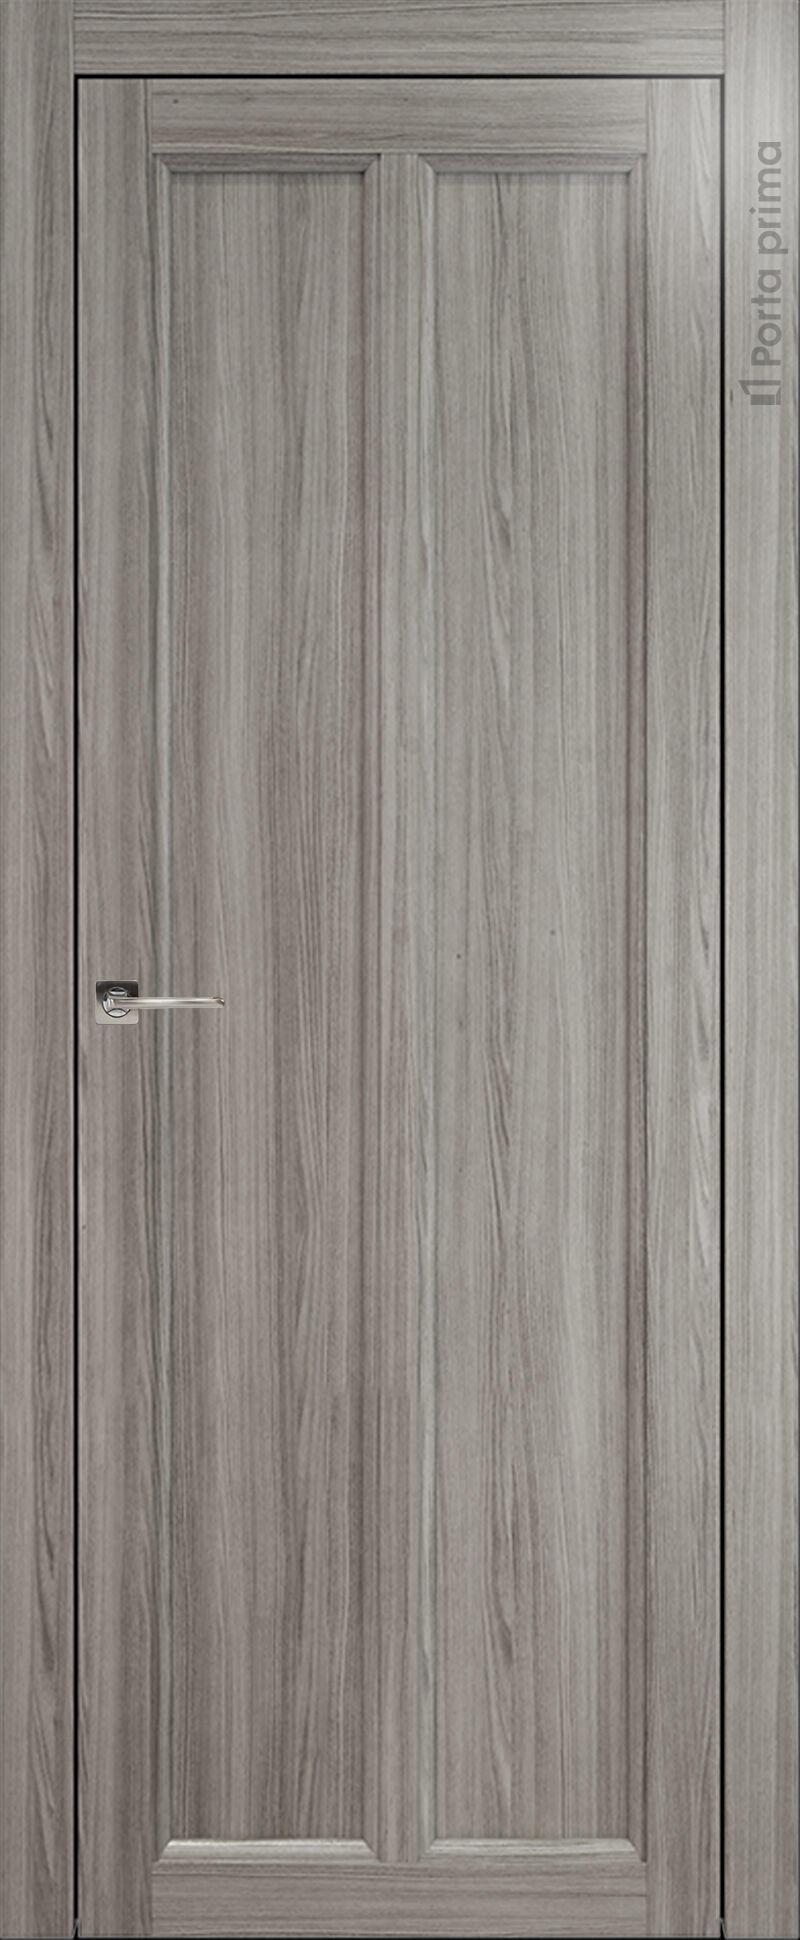 Sorrento-R Г4 цвет - Орех пепельный Без стекла (ДГ)